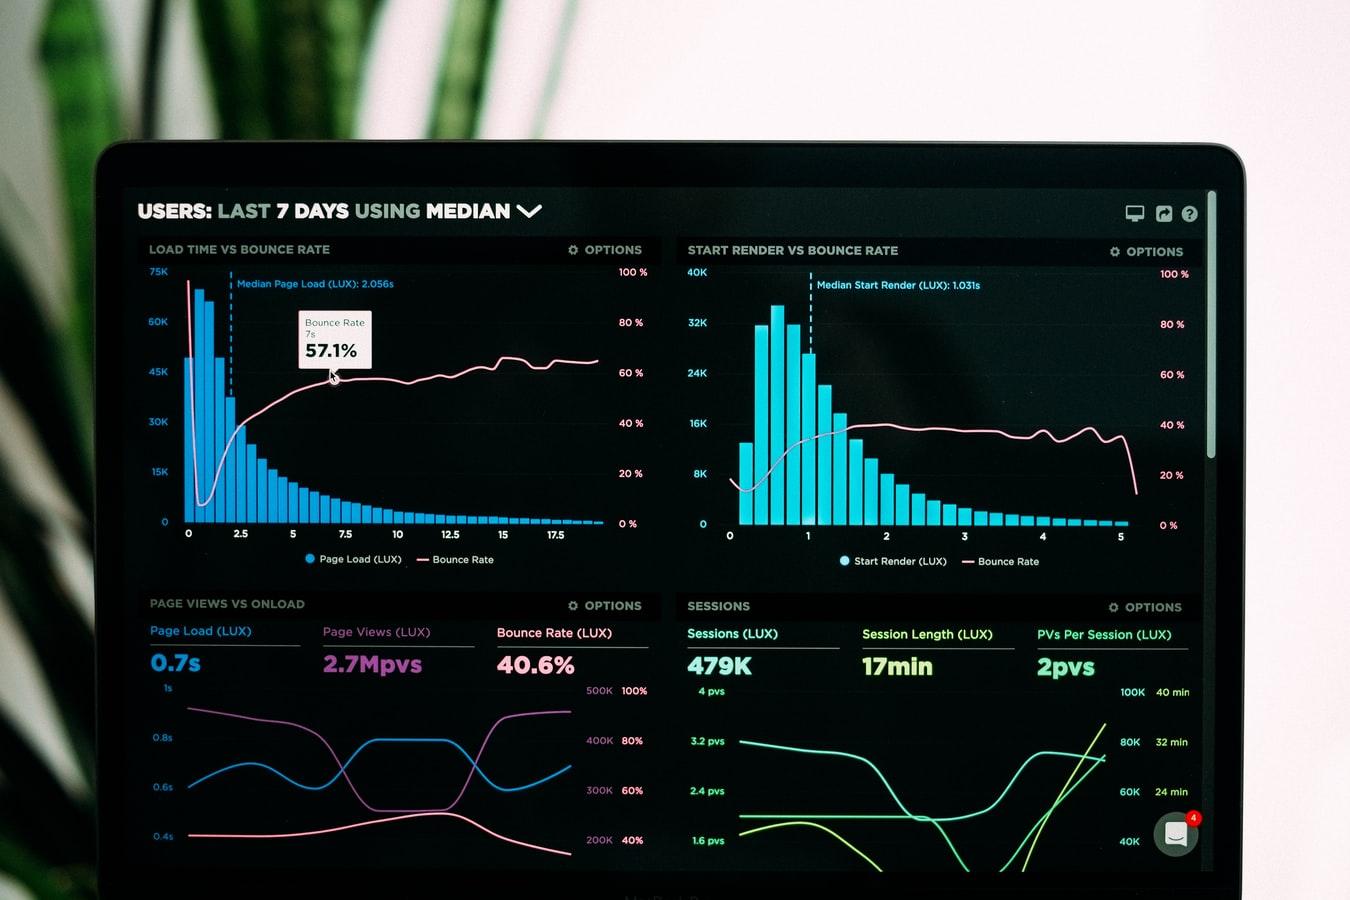 Imagem da tela de um computador, com o fundo preto e quatro gráficos na tela, separados em quatro quadrados, mostrando o data driven marketing